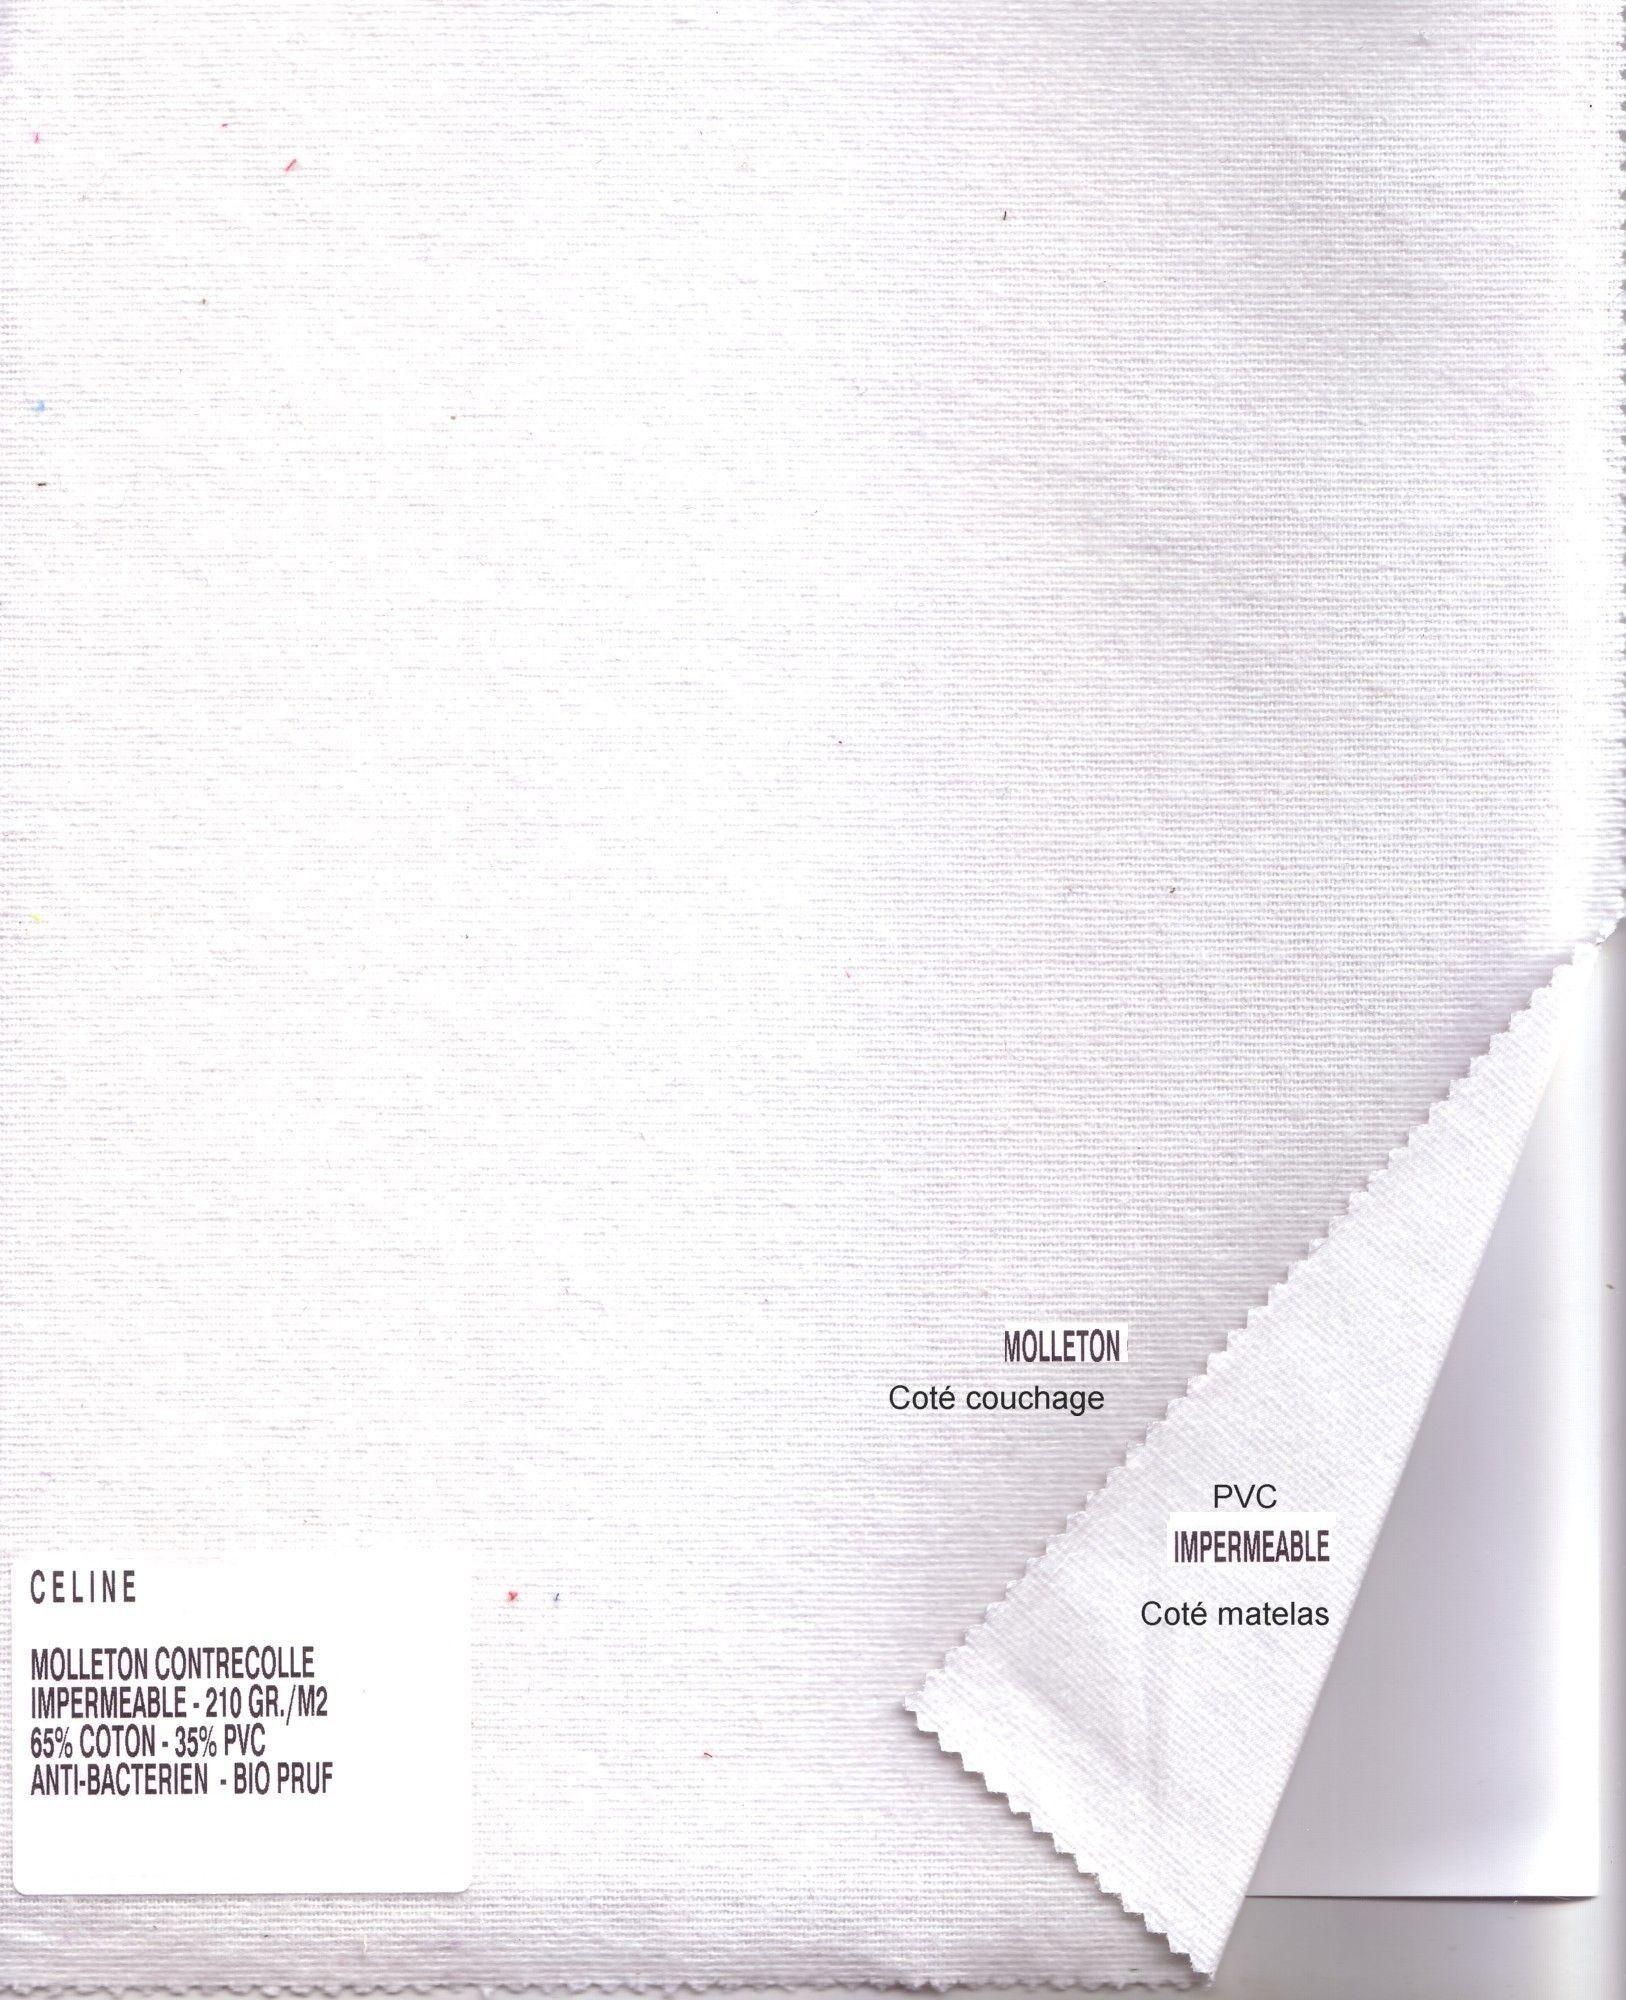 acheter housse renove matelas c line 120 x 190 pas cher. Black Bedroom Furniture Sets. Home Design Ideas